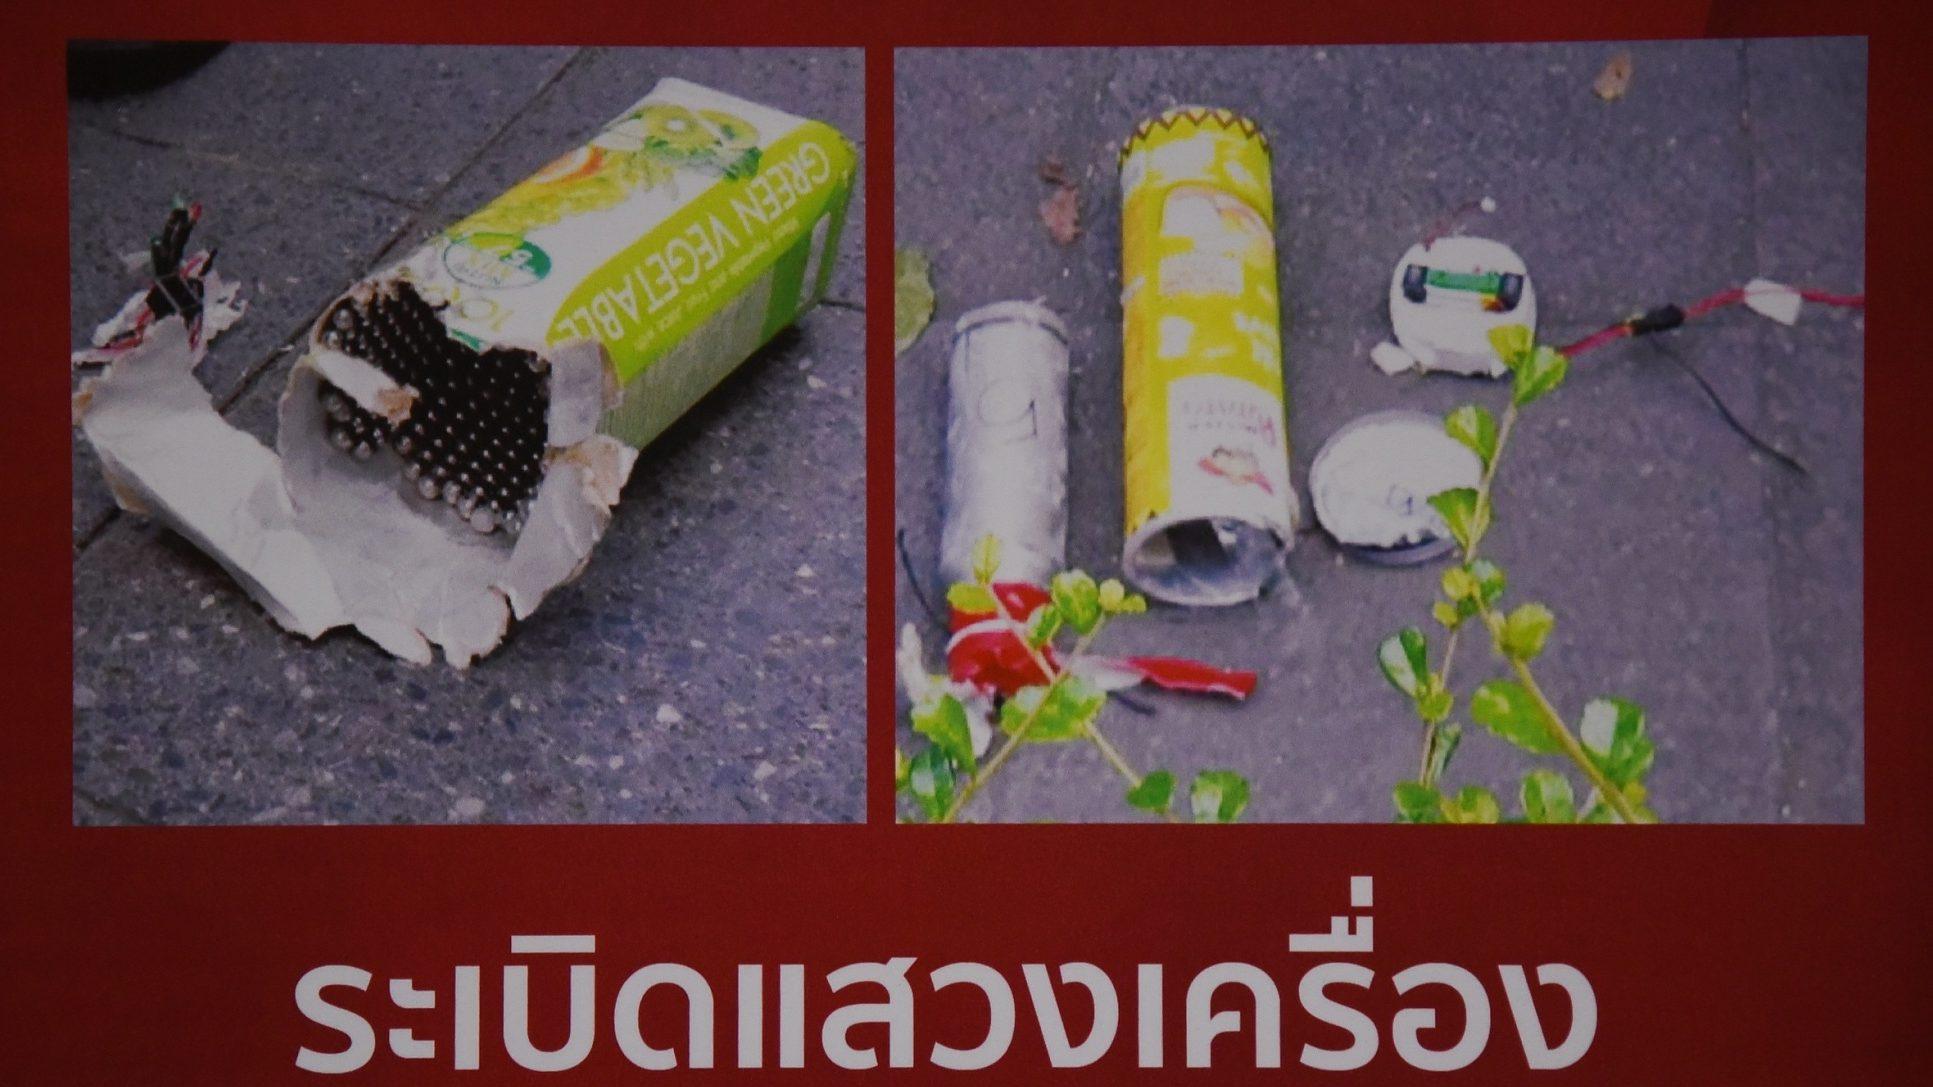 ข่าวตำรวจ ข่าวระเบิด ข่าวสดวันนี้ ระเบิดกรุงเทพ